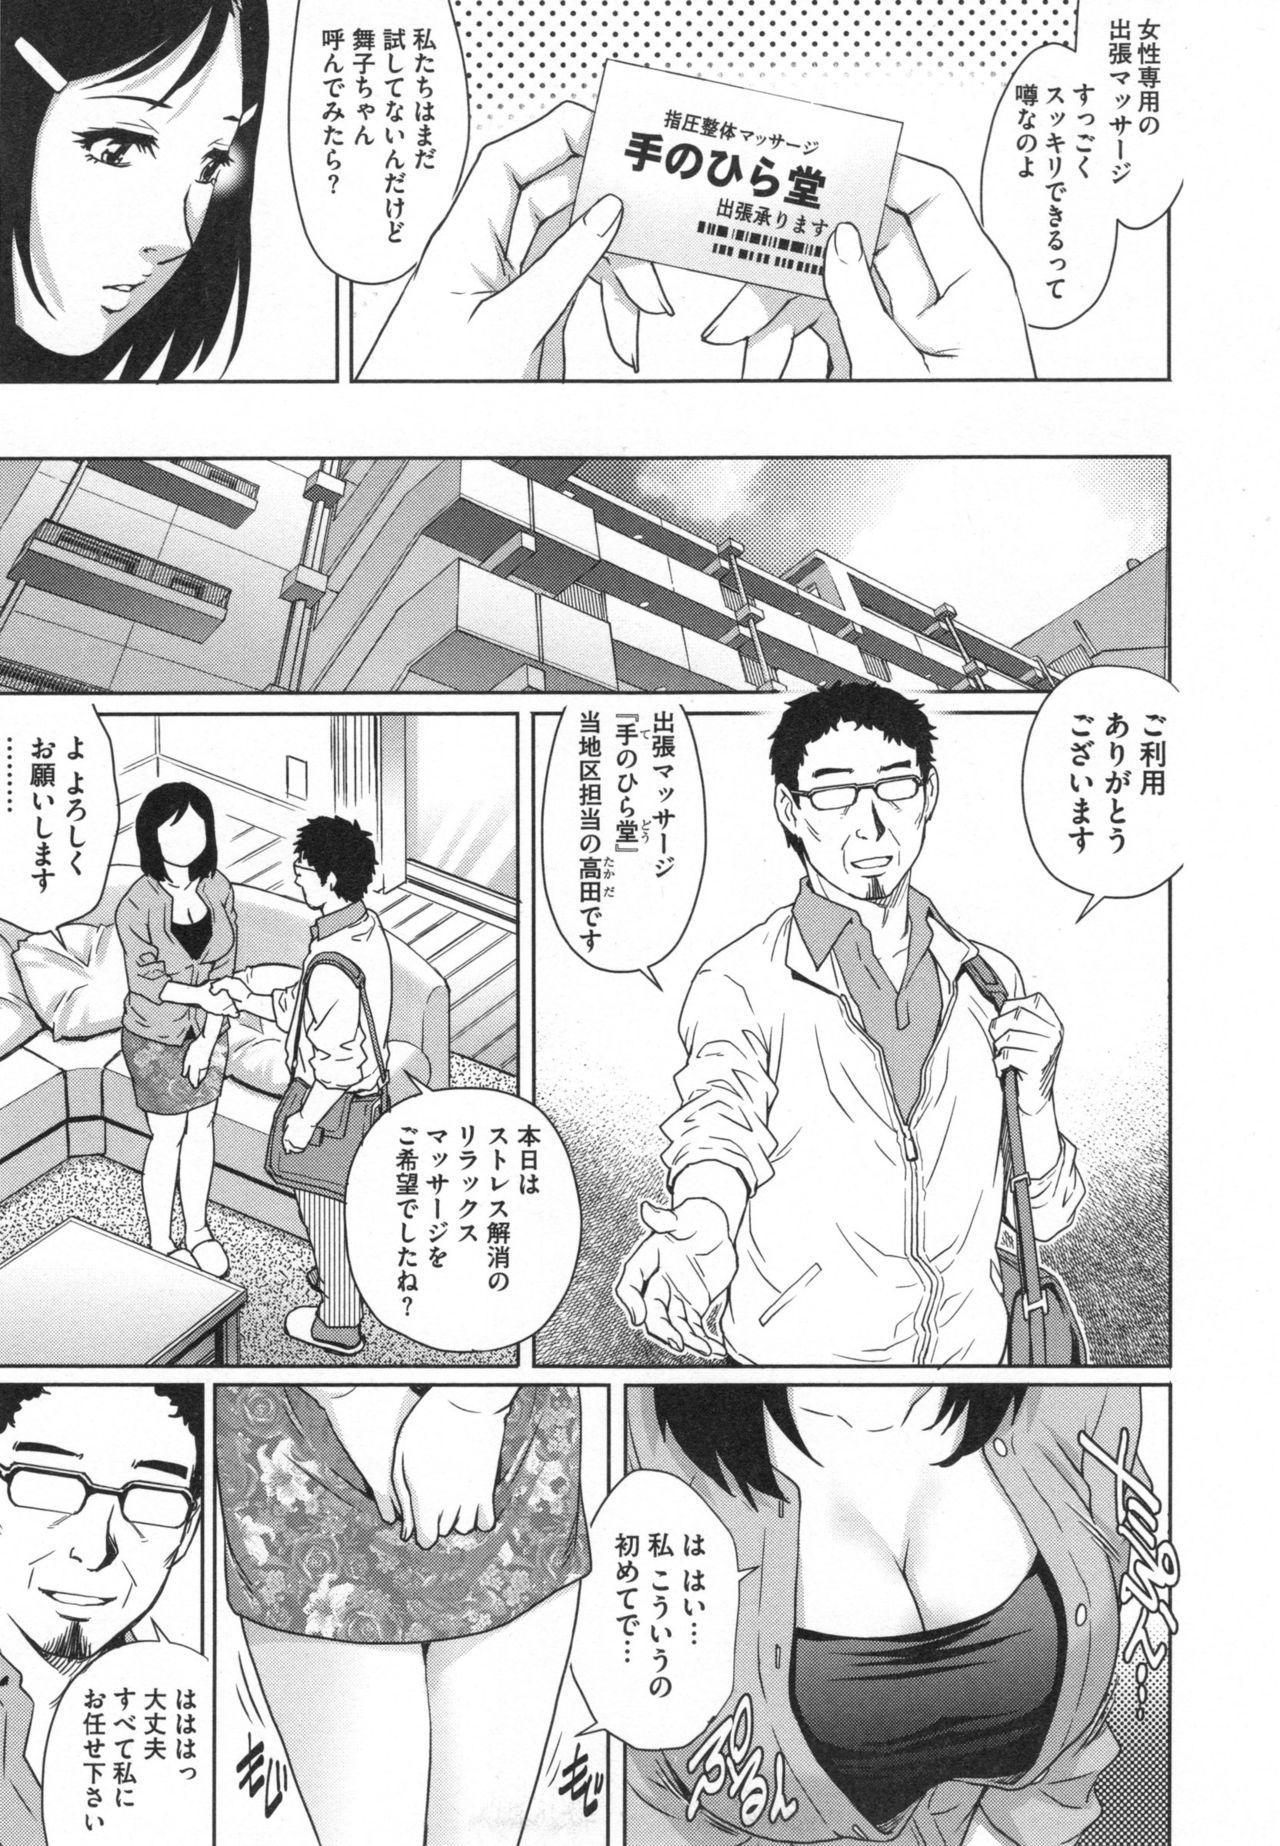 Netorare Aiganzuma 177